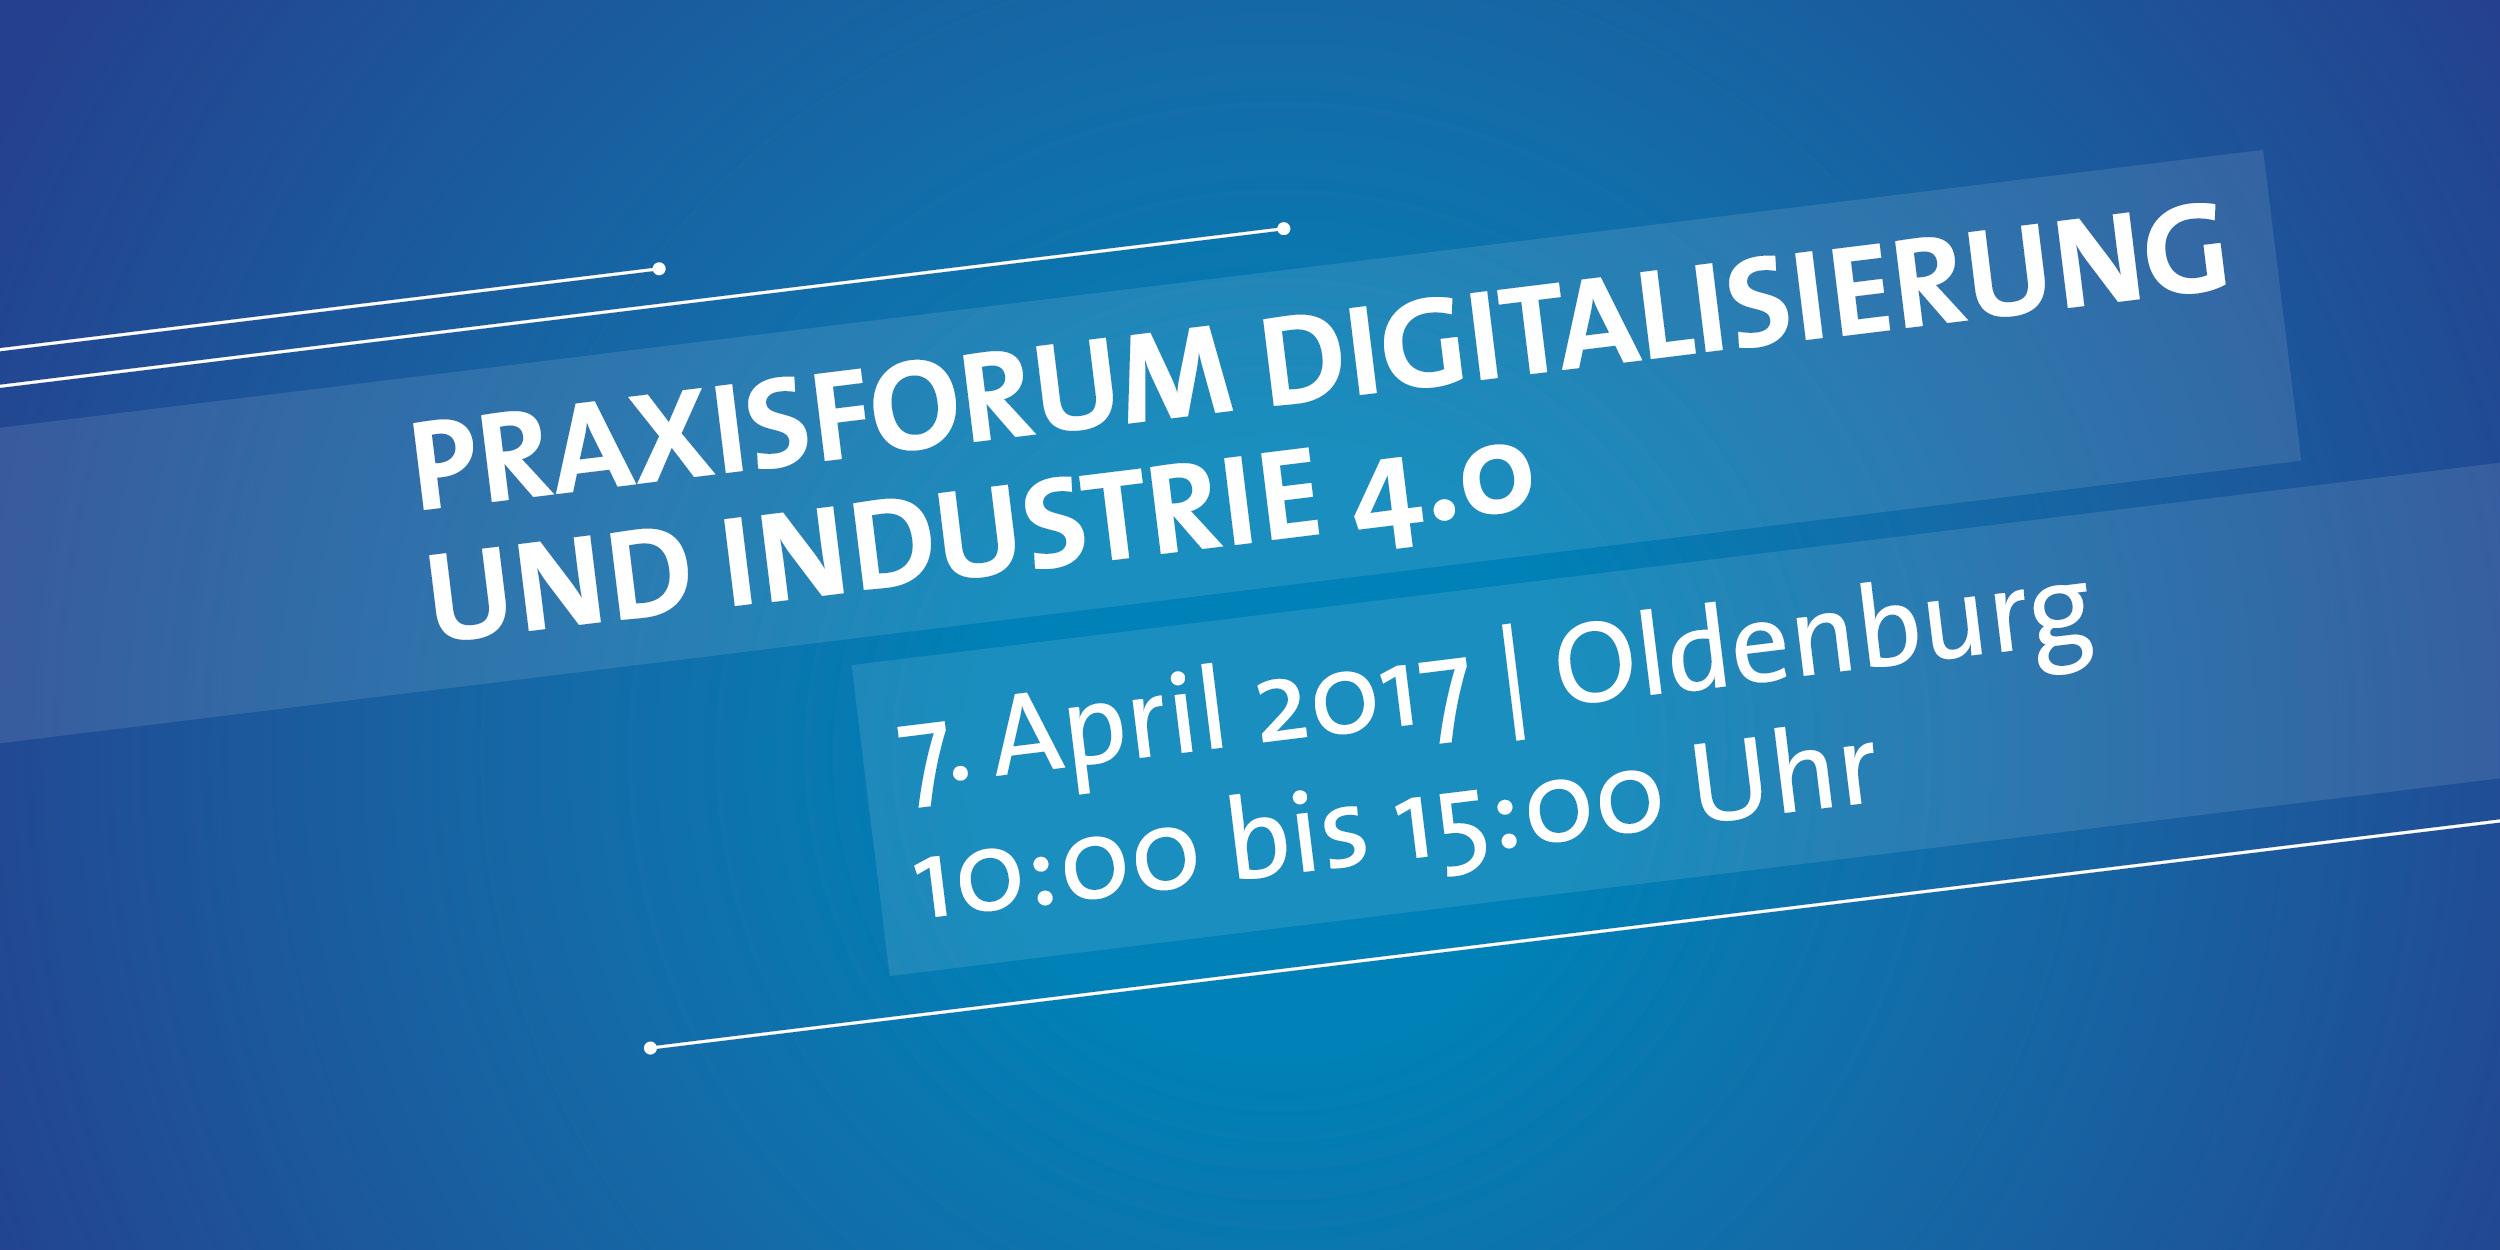 Banner_Praxisforum_Digitalisierung_und_Industrie_4.0